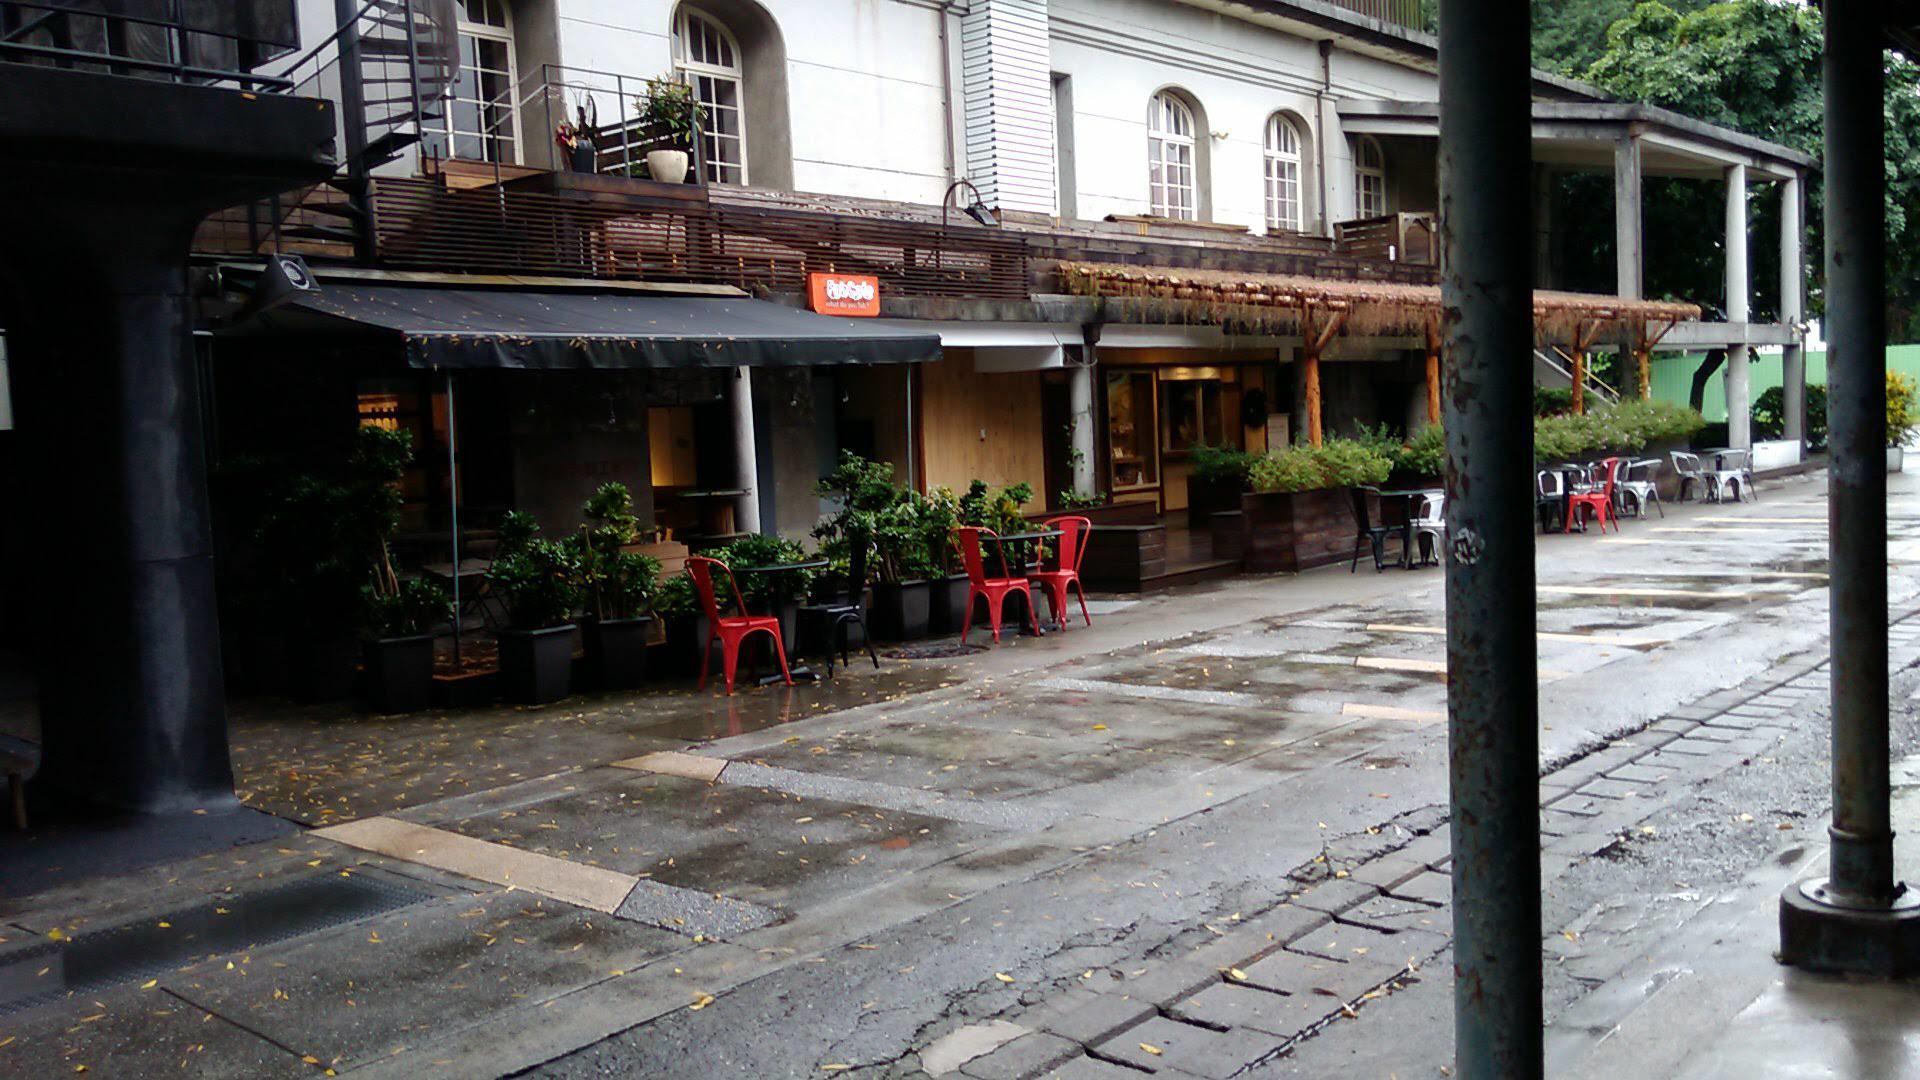 台北でも繁華な華山1914文創園区も、コロナウイルスと雨のせいで静まり返っていました。有名な鼎泰豊の小籠包のフルコースは、贅を尽くしたもので、その多様性は満足できるものでした。九分では、思いもかけず「阿妹茶樓」で300NTと高価な茶芸を体験しましたが、煩瑣な作業と、多様で微細な茶器は、私の心に強く残りました。